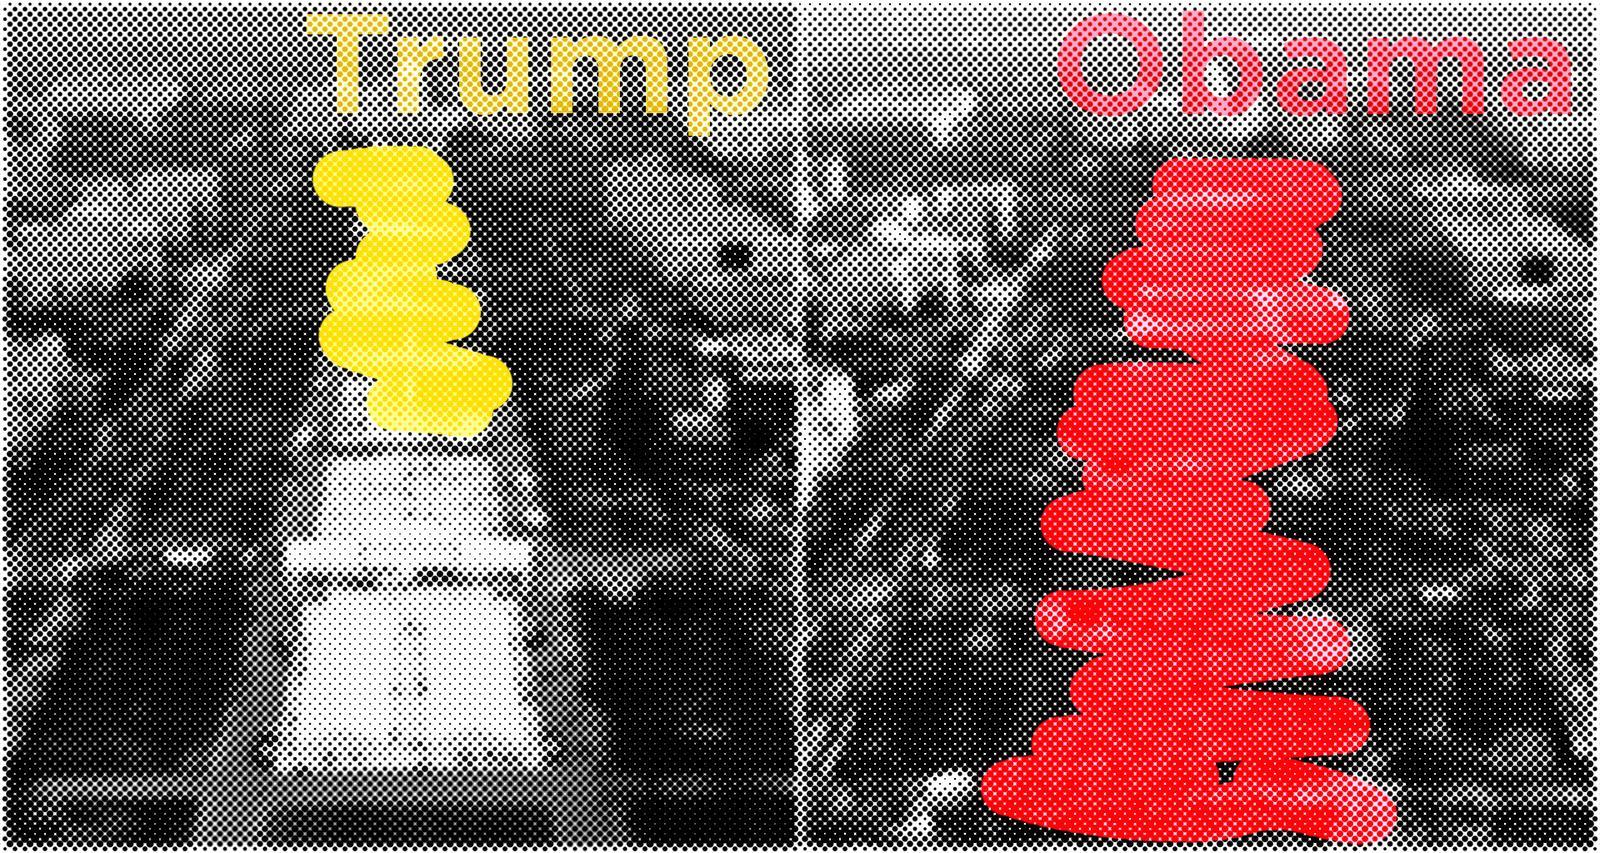 Hängengeblieben – Bildvergleiche